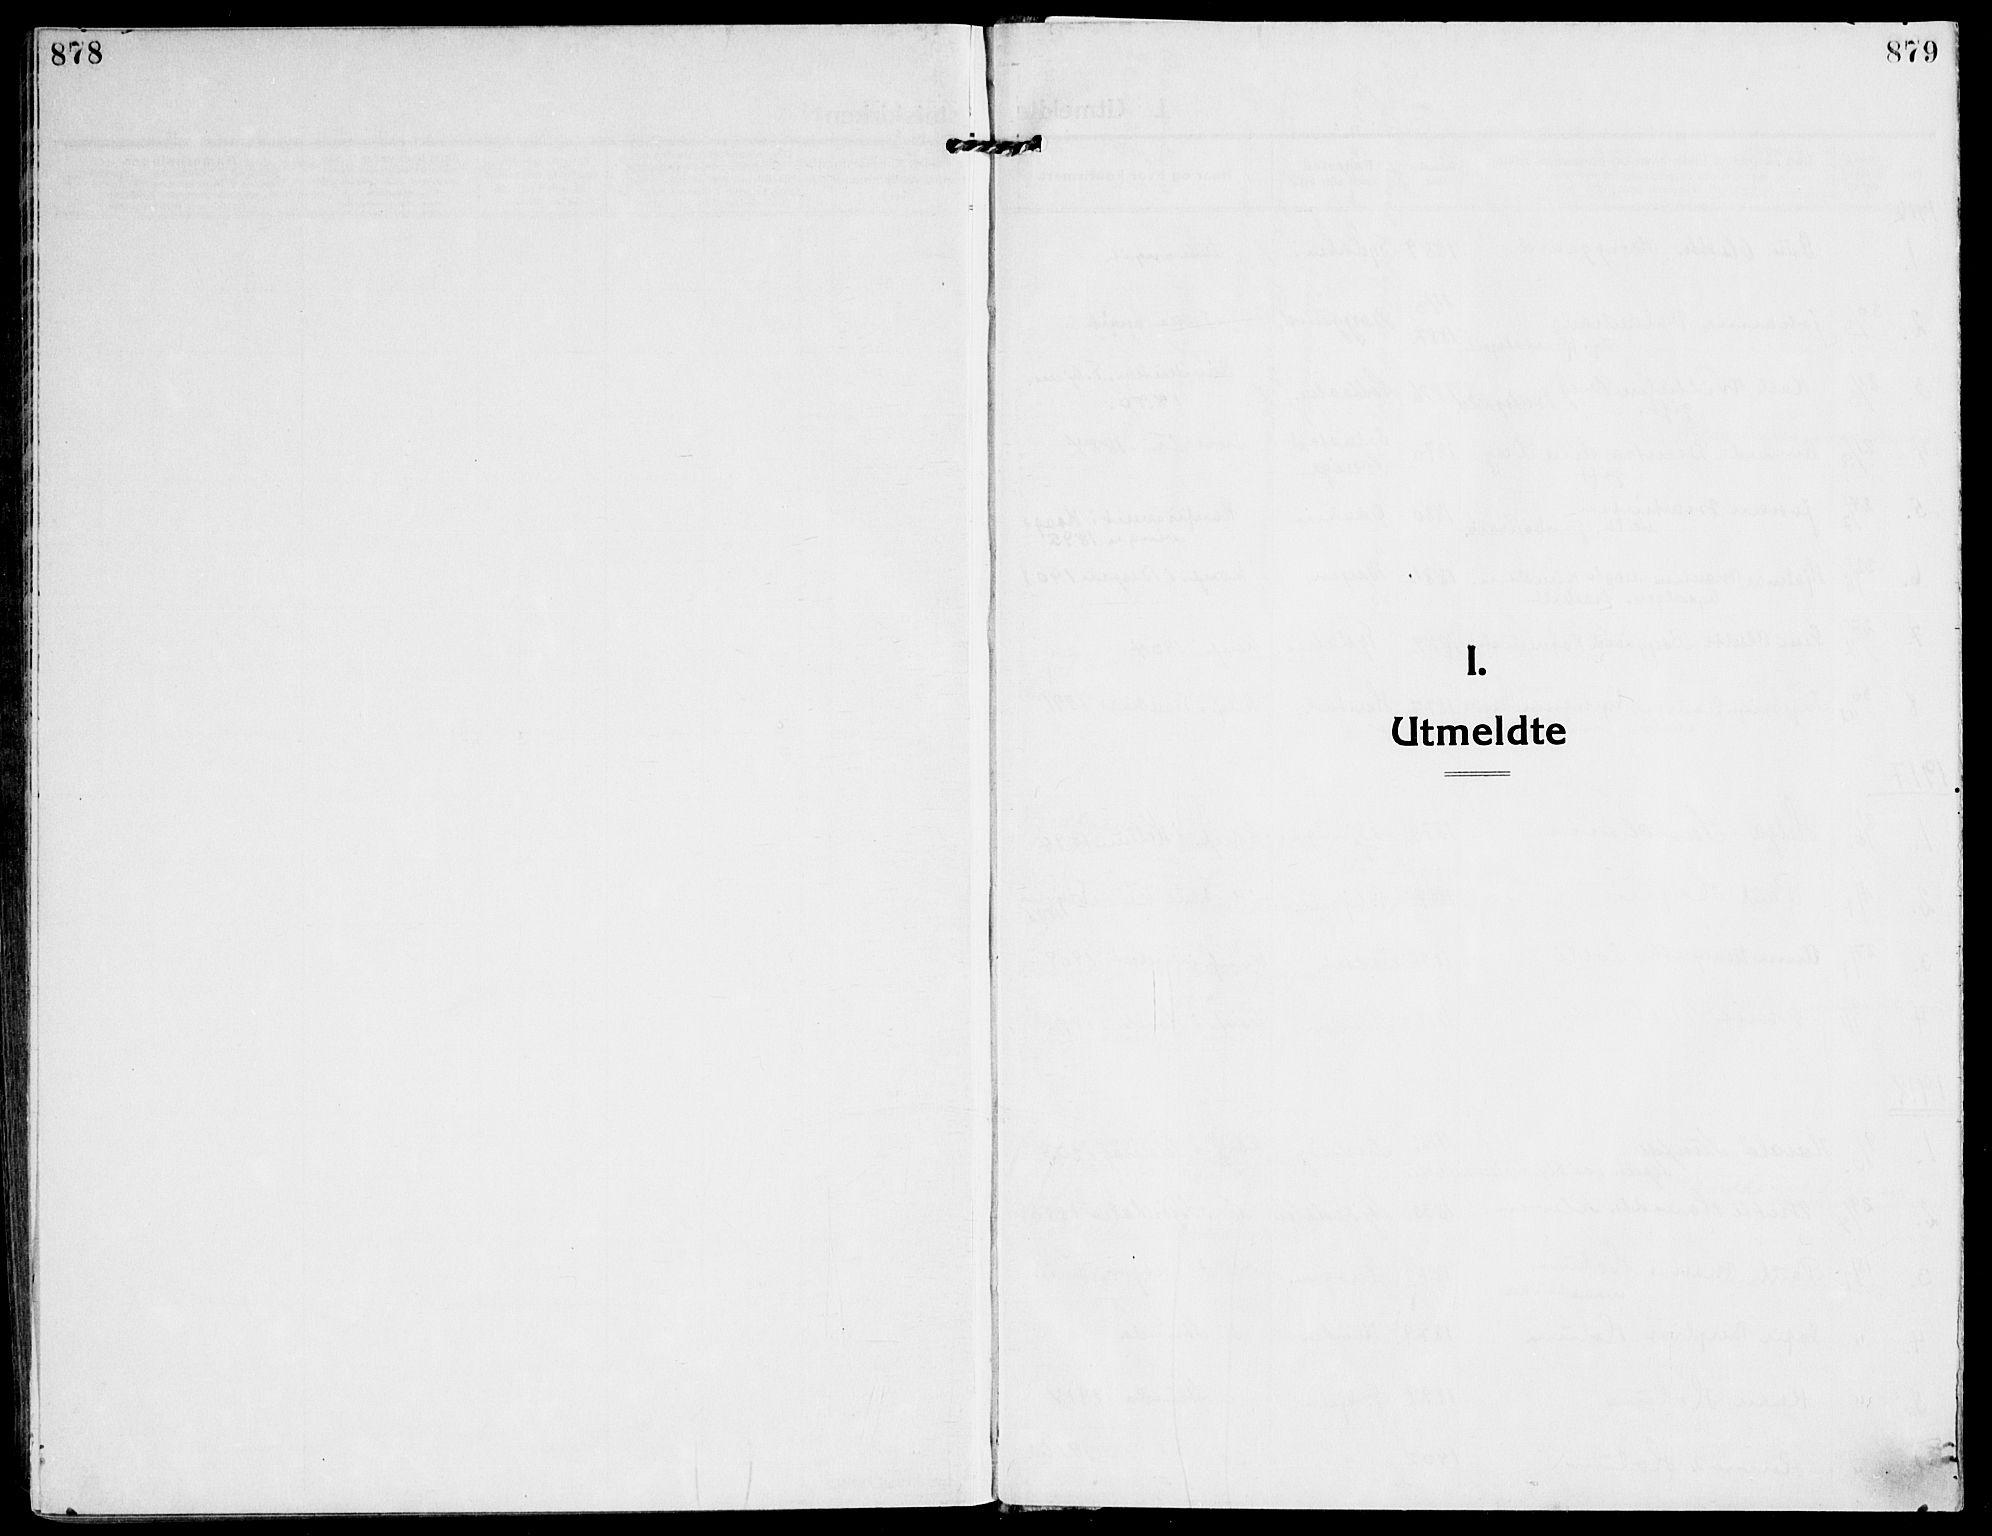 SAT, Ministerialprotokoller, klokkerbøker og fødselsregistre - Sør-Trøndelag, 607/L0321: Ministerialbok nr. 607A05, 1916-1935, s. 878-879